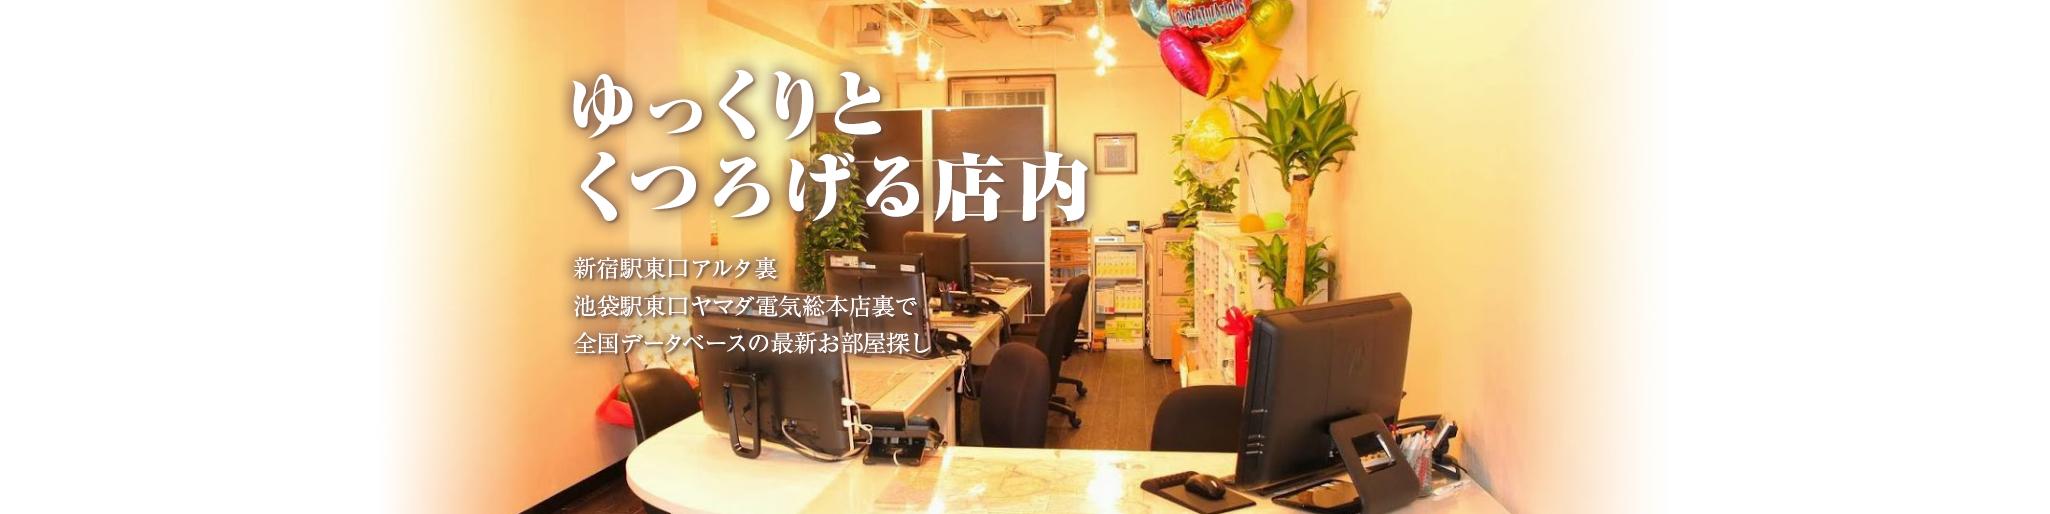 【仲介手数料無料】新宿の賃貸マンション紹介サイト